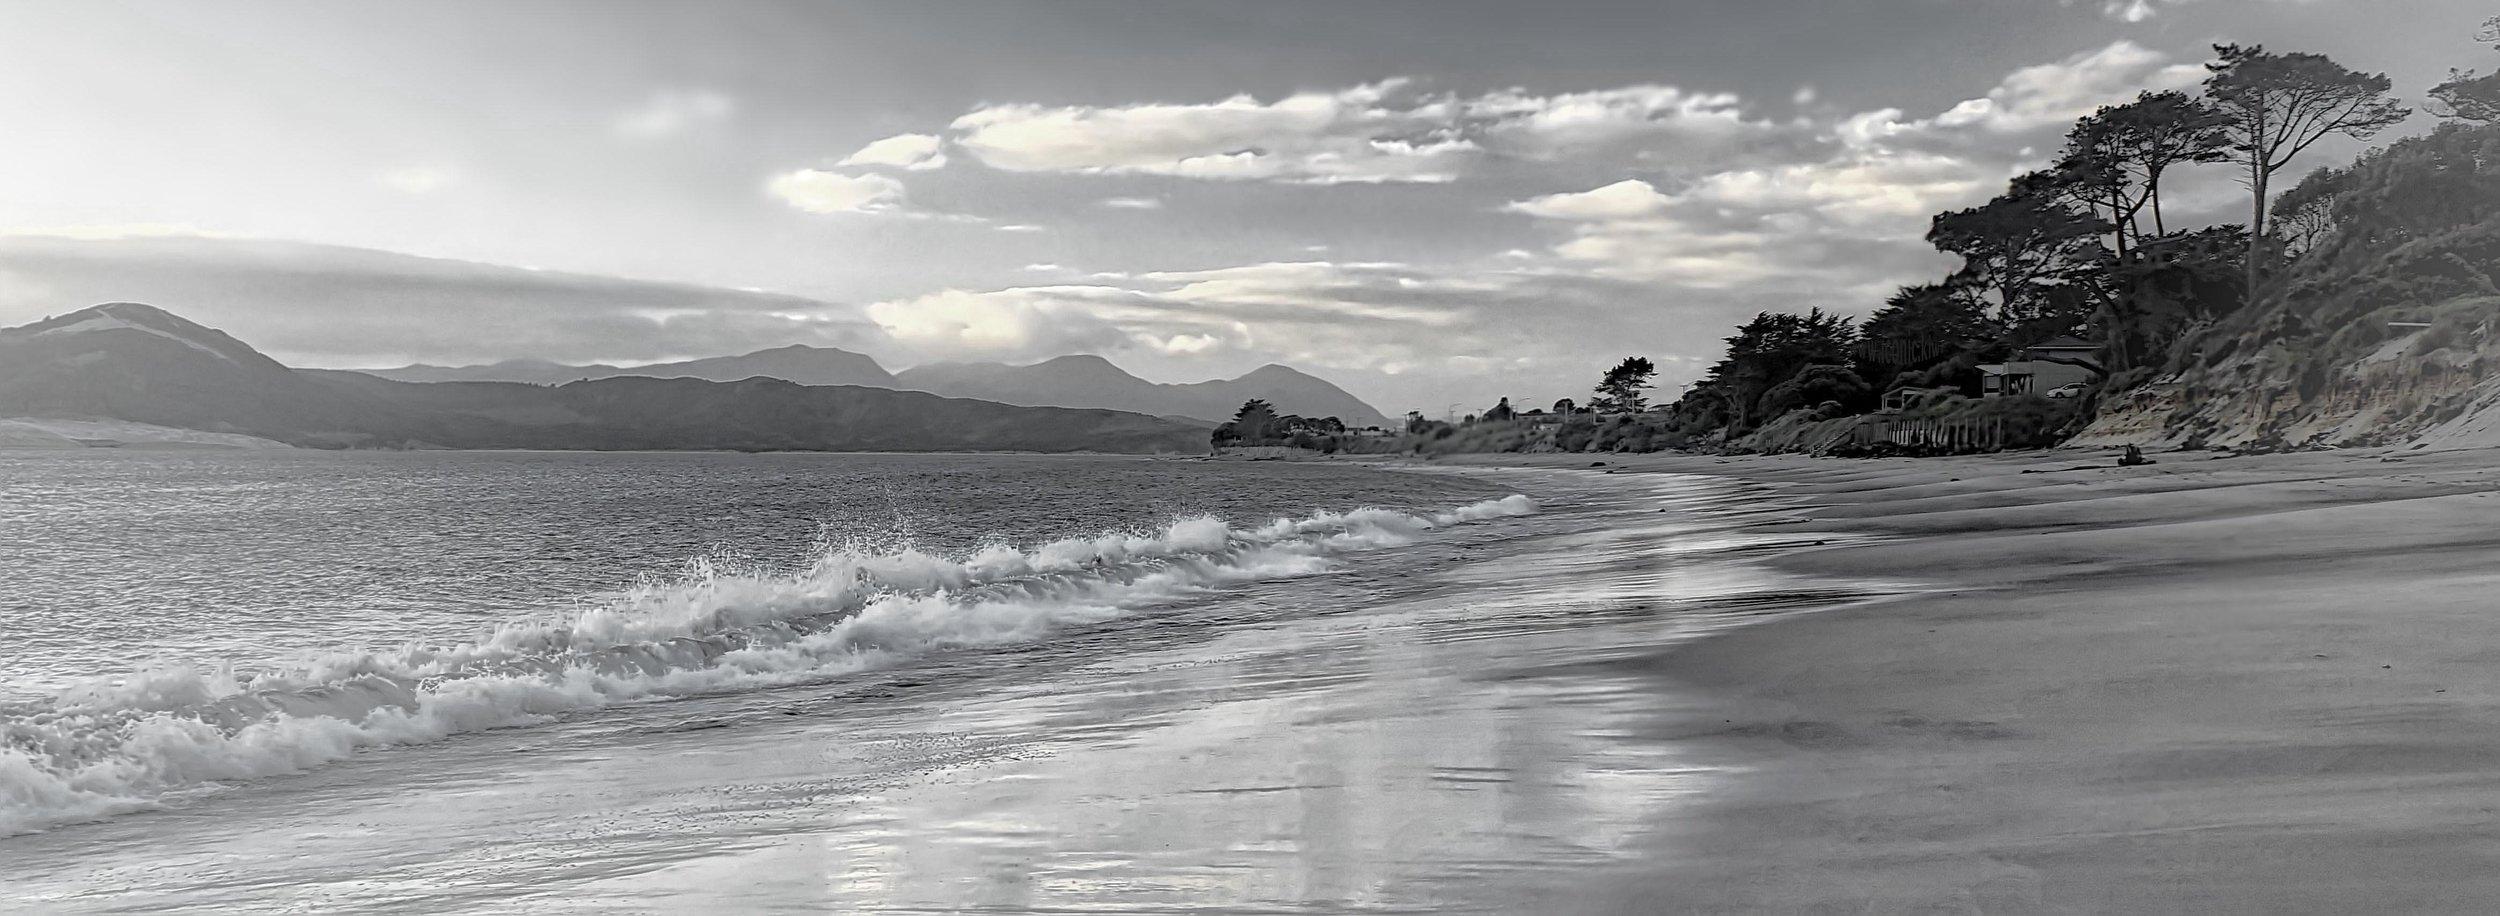 Timeless Tide